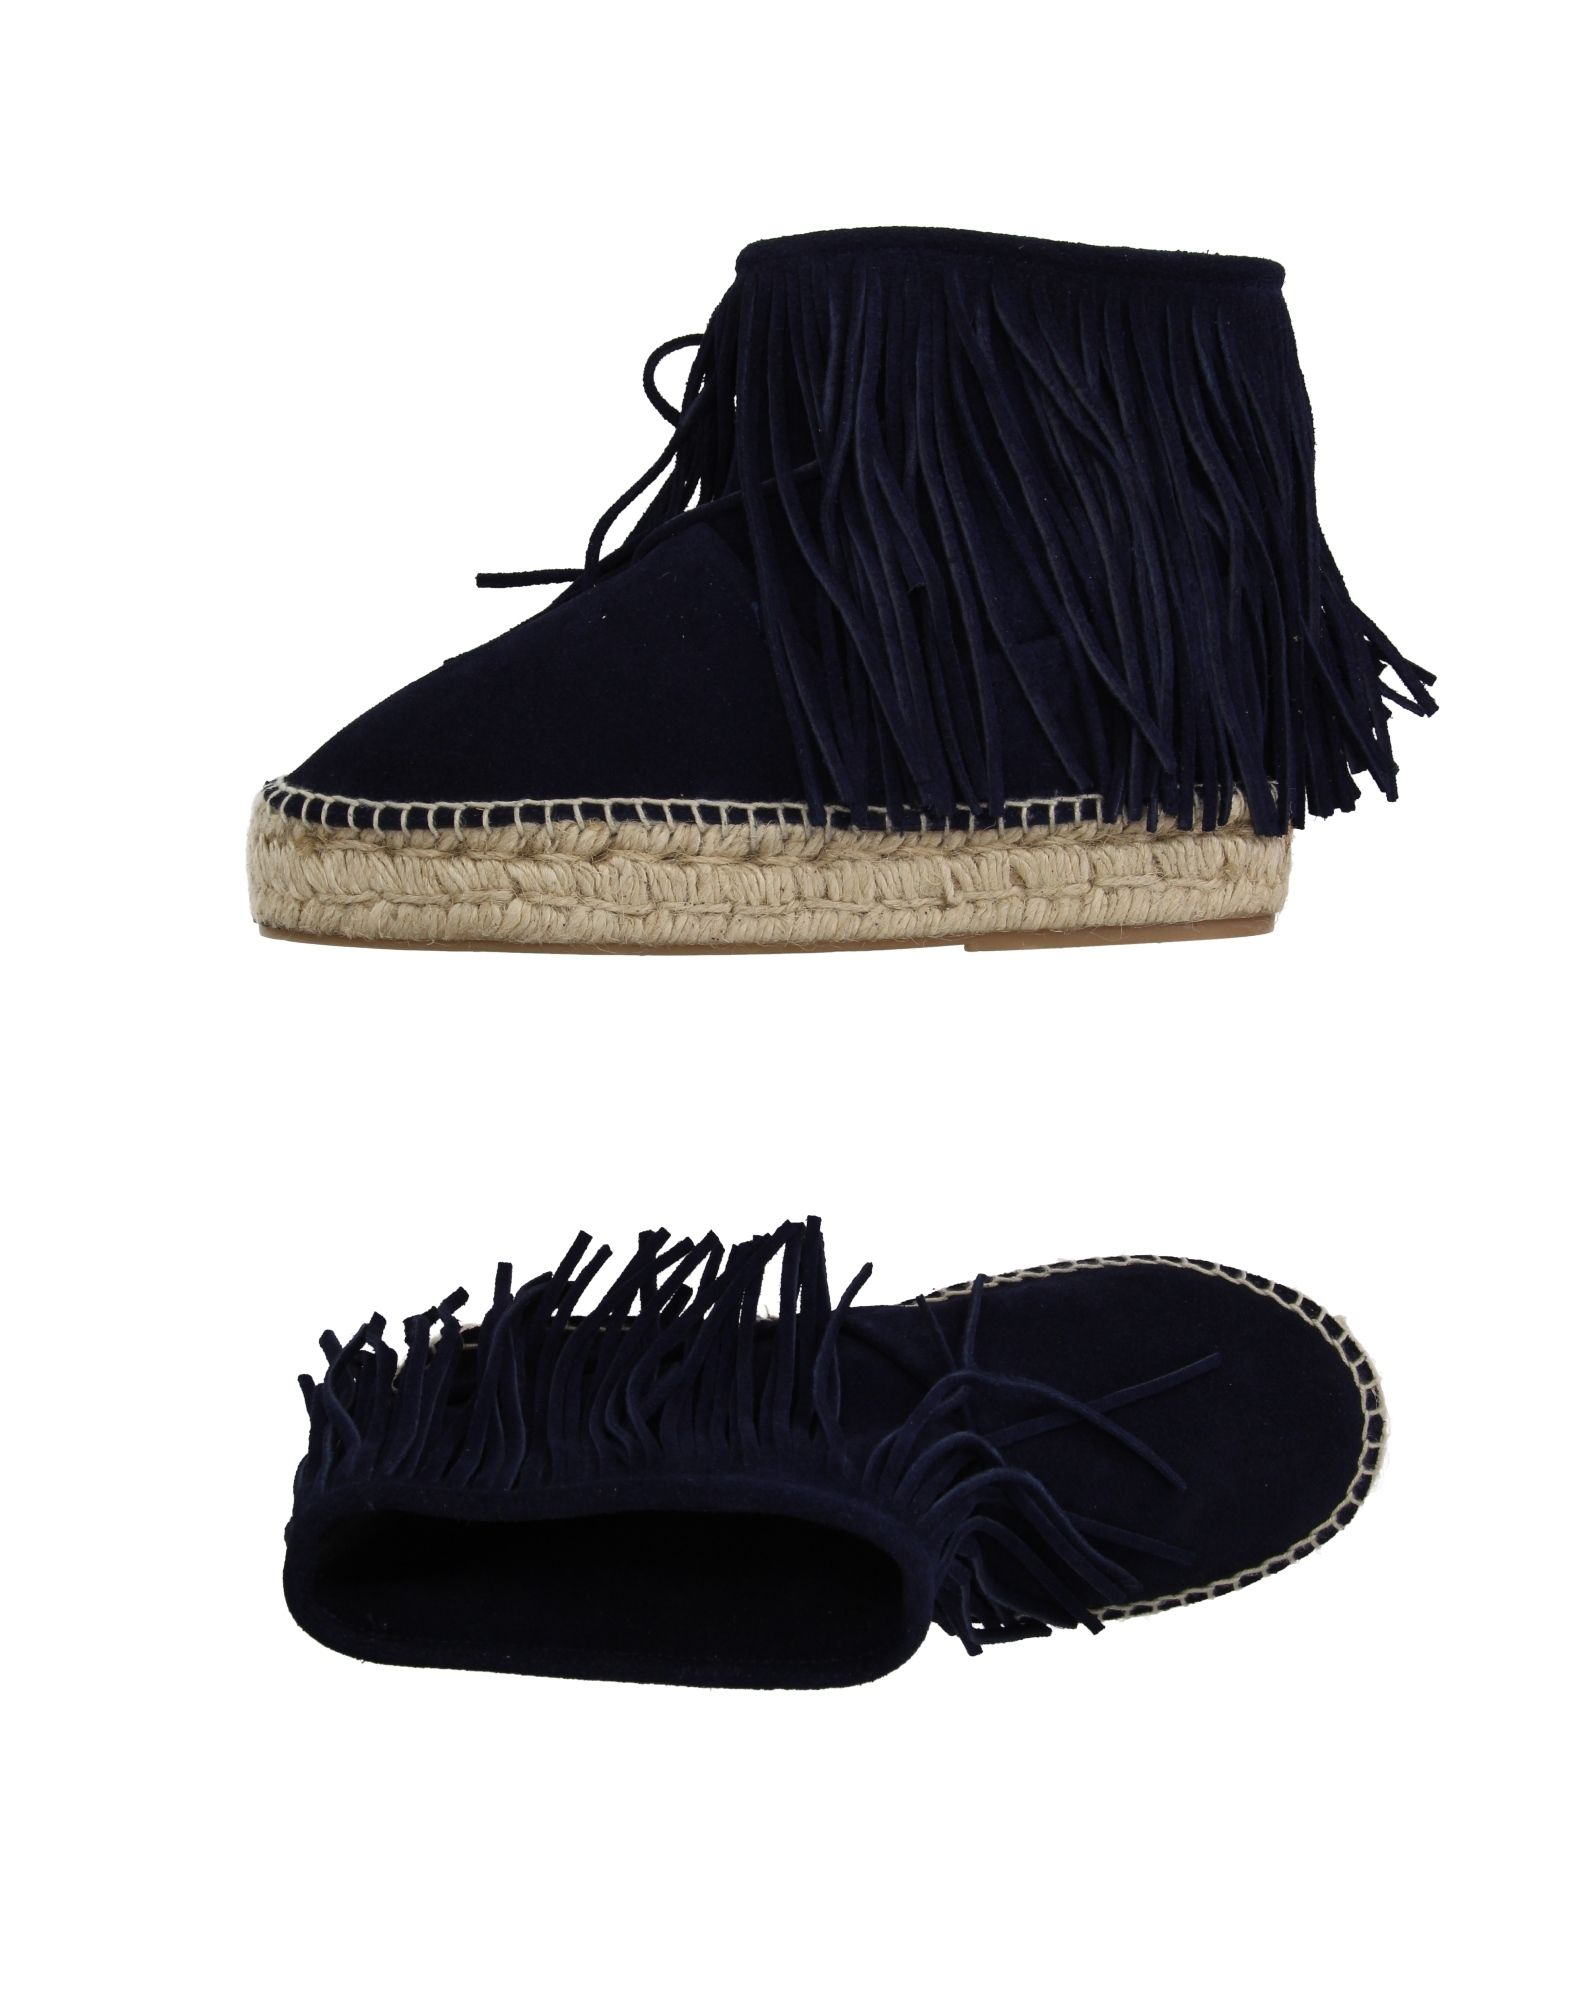 Seek on Ankle Boot - Women Seek Ankle Boots online on Seek  Australia - 11193188QI 5f5ec2